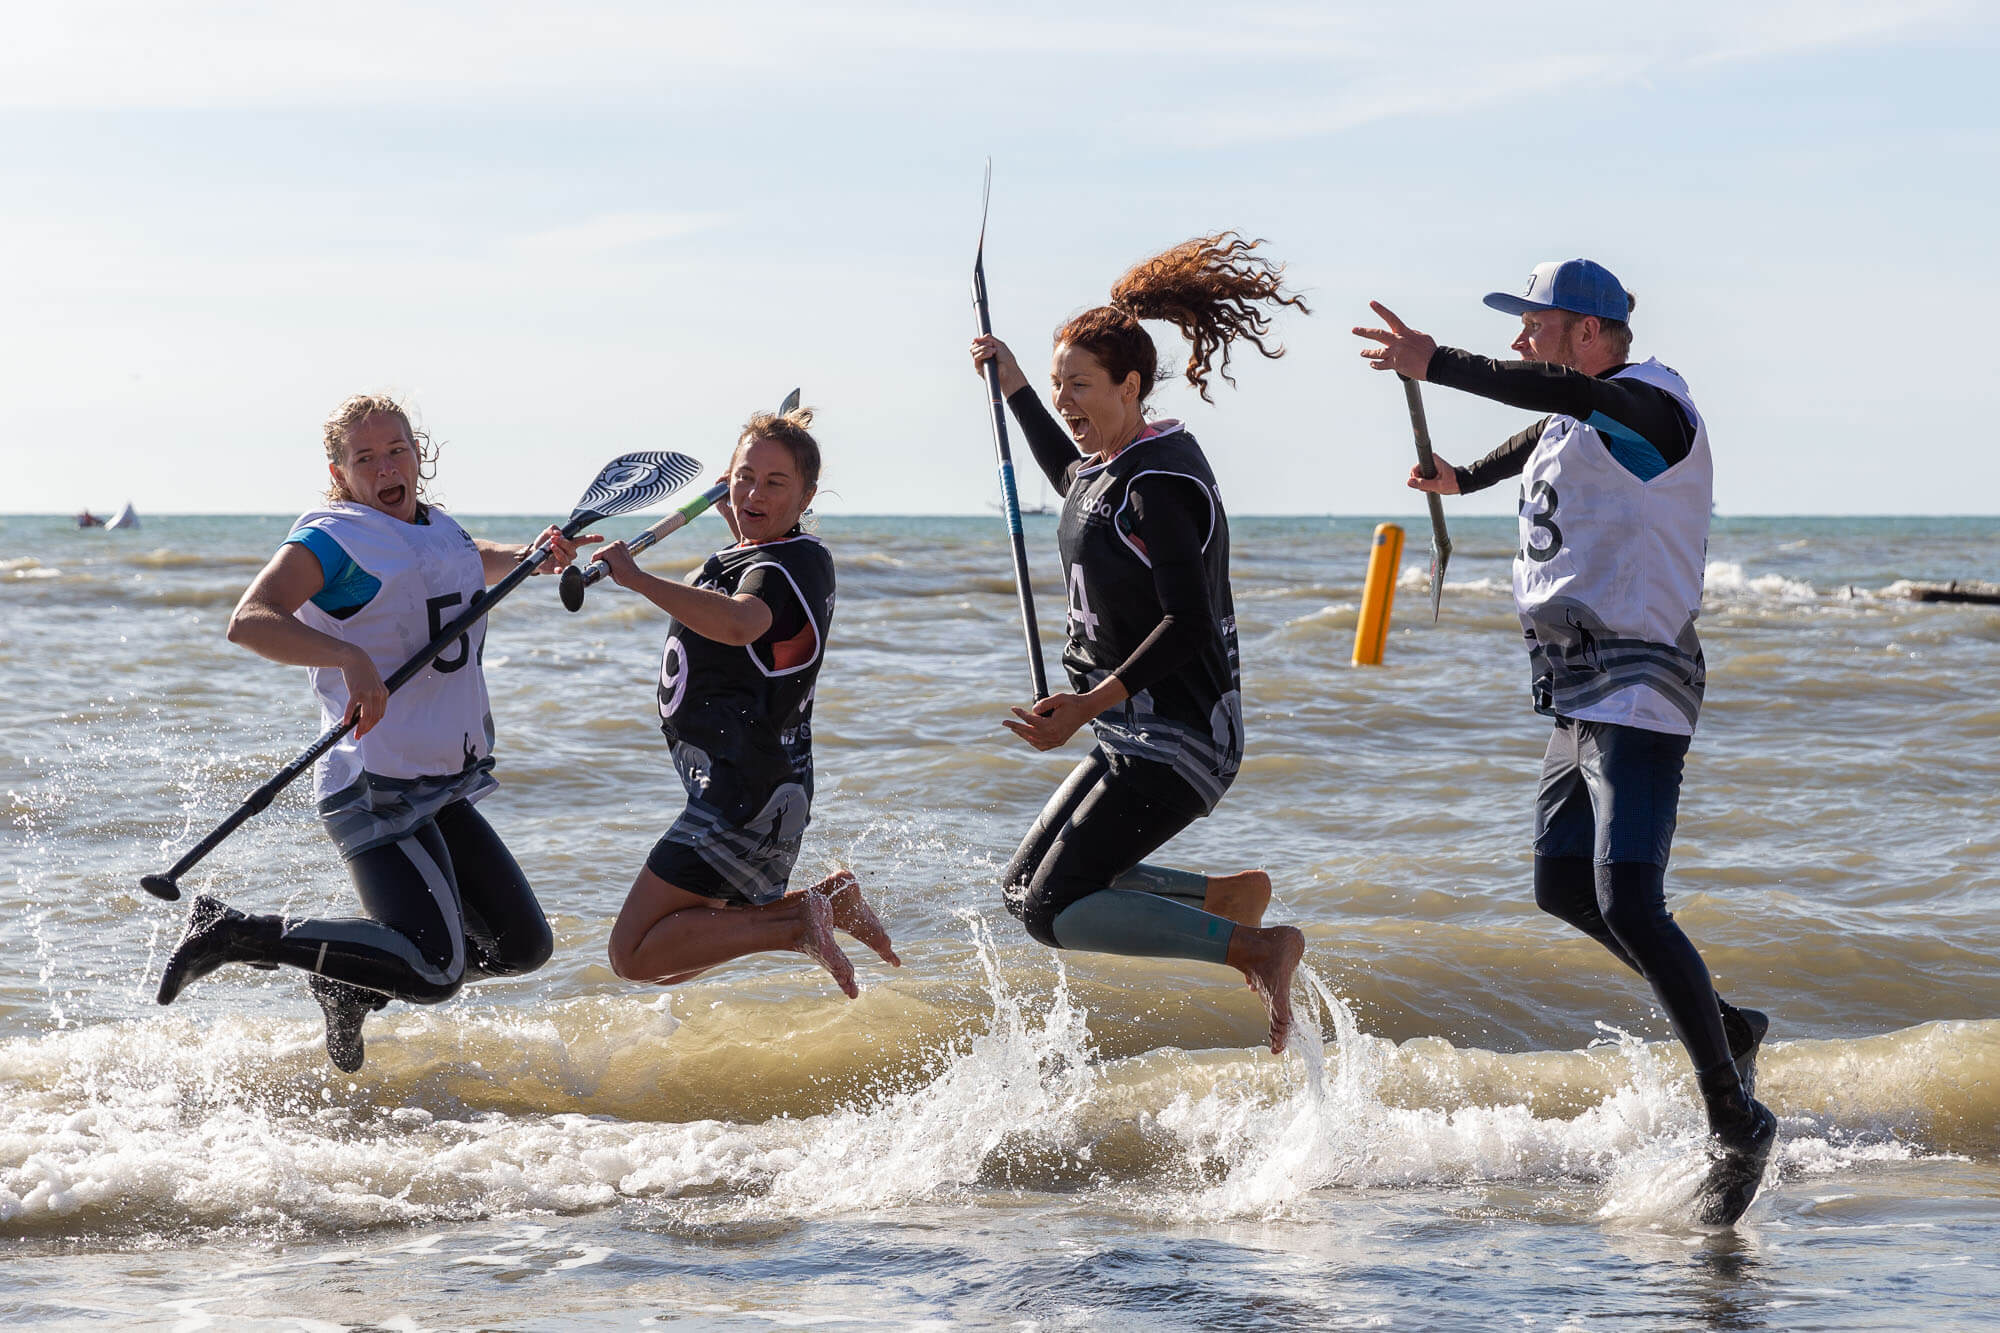 Кубок Черного моря по SUP-серфингу в Сочи